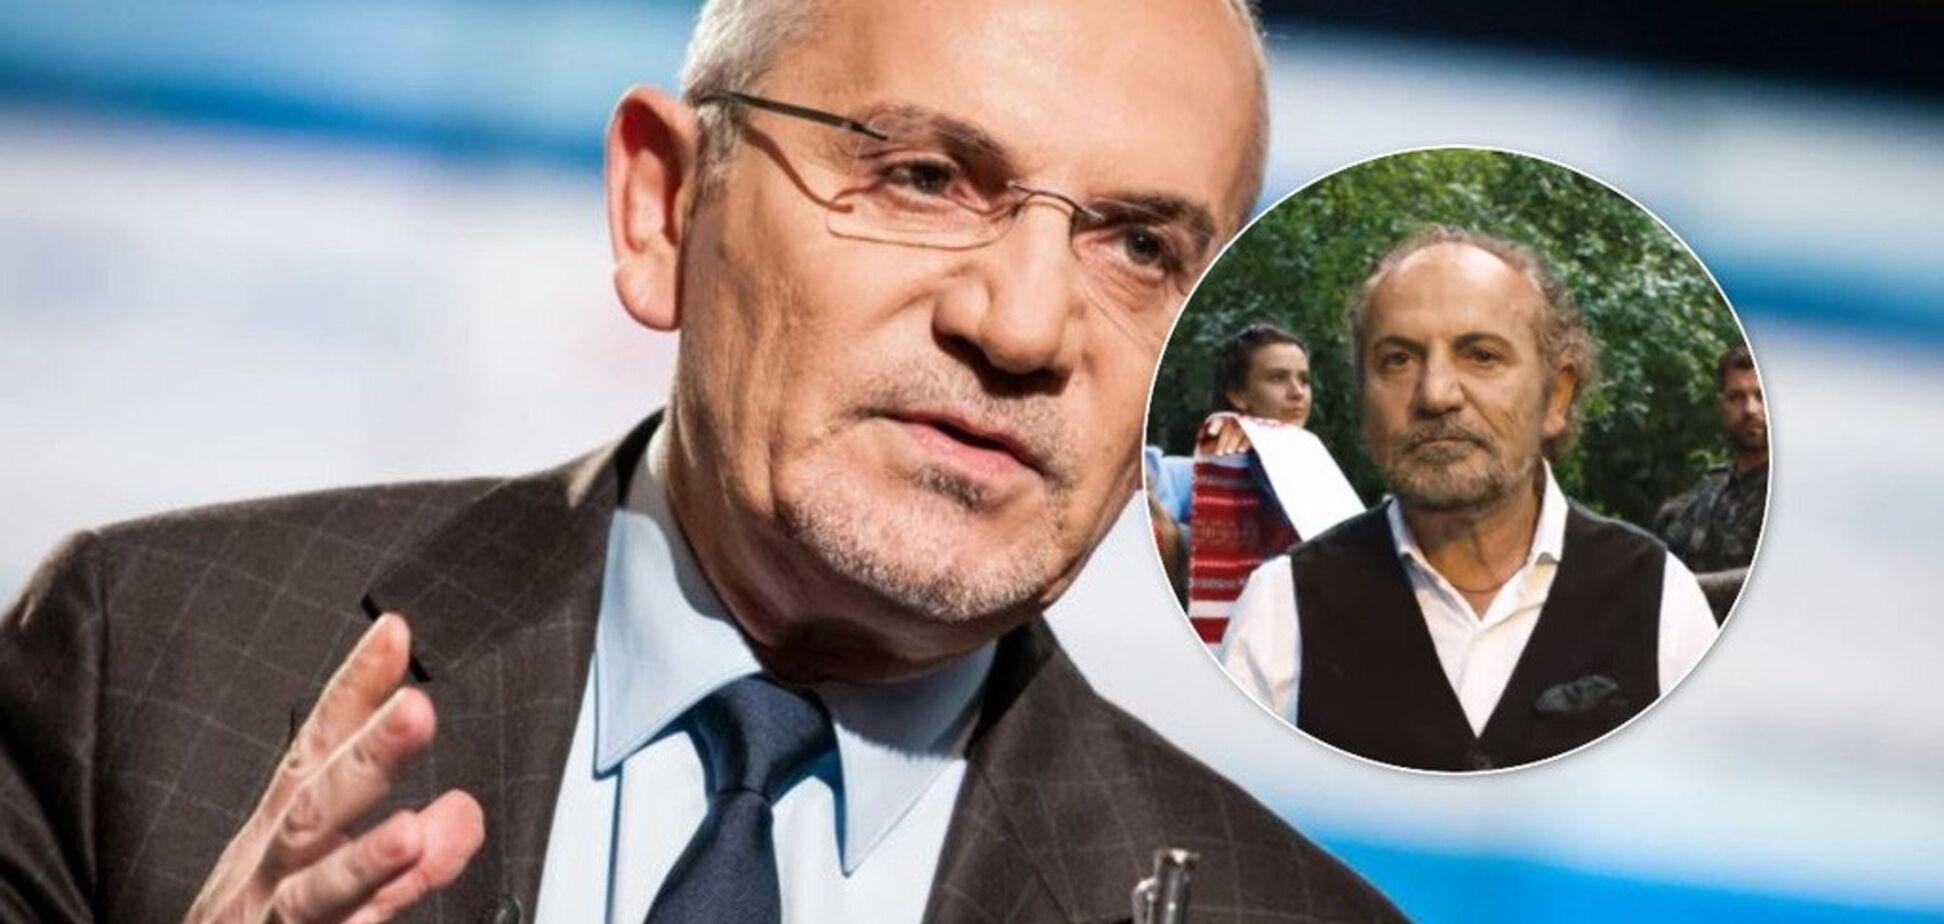 Шустер повернувся на ТБ: як змінився телеведучий за три роки